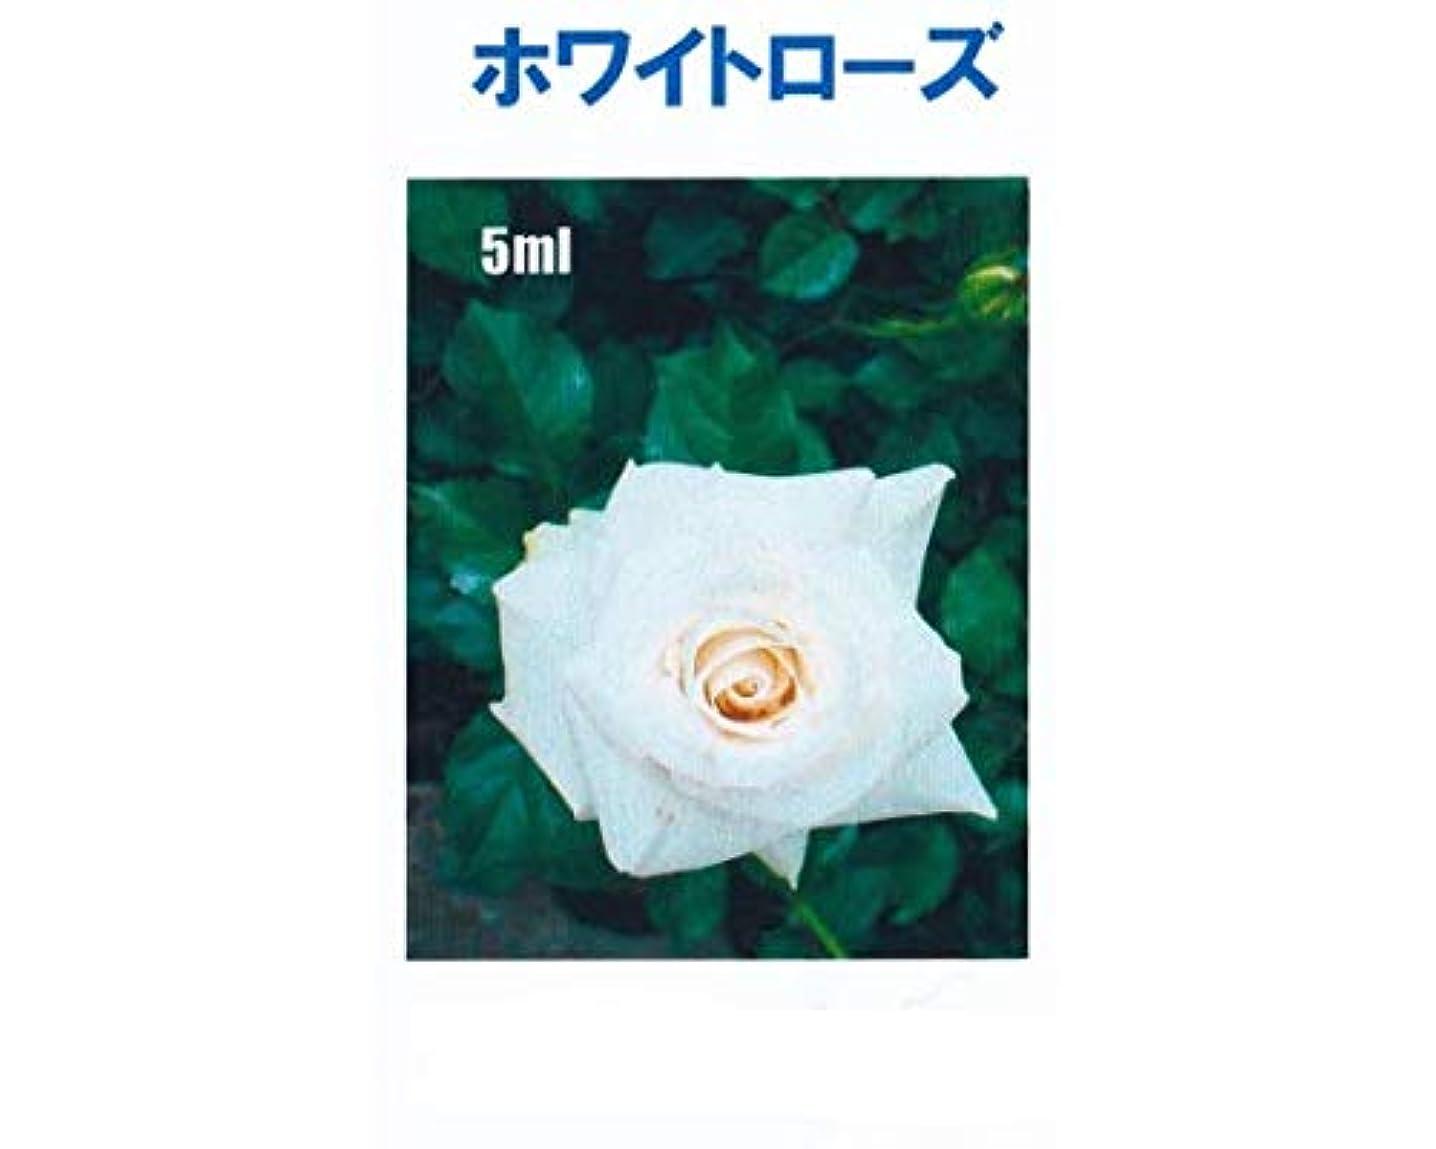 落ち着く四面体ショッキングアロマオイル ホワイトローズ 5ml エッセンシャルオイル 100%天然成分